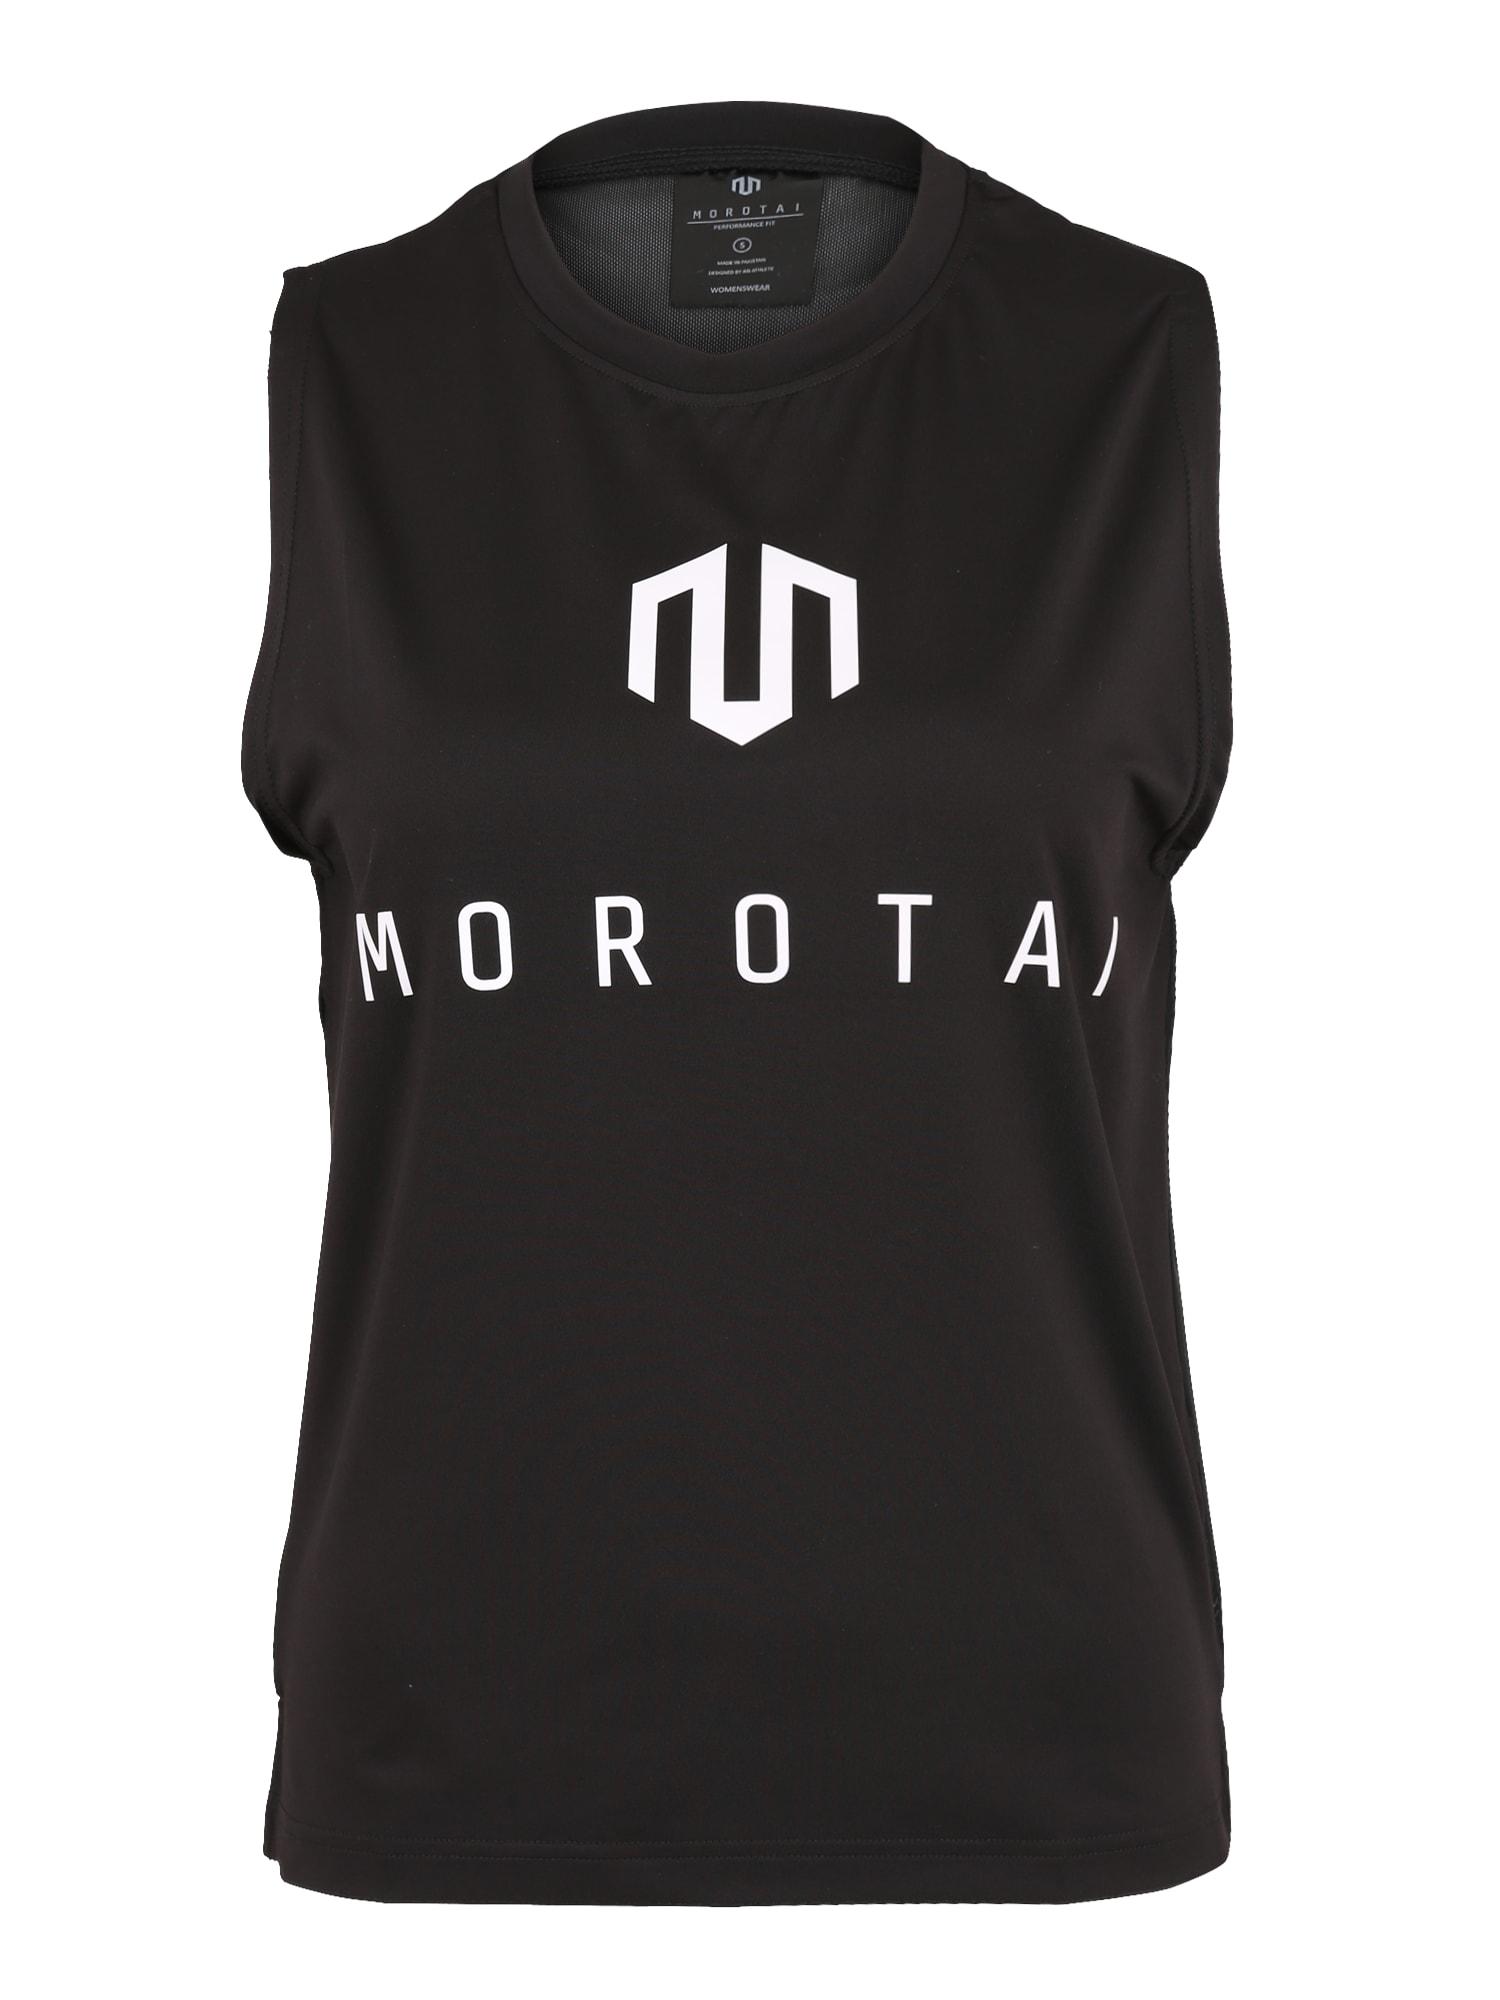 Sportovní top NAKA Performance Mesh Back černá bílá MOROTAI